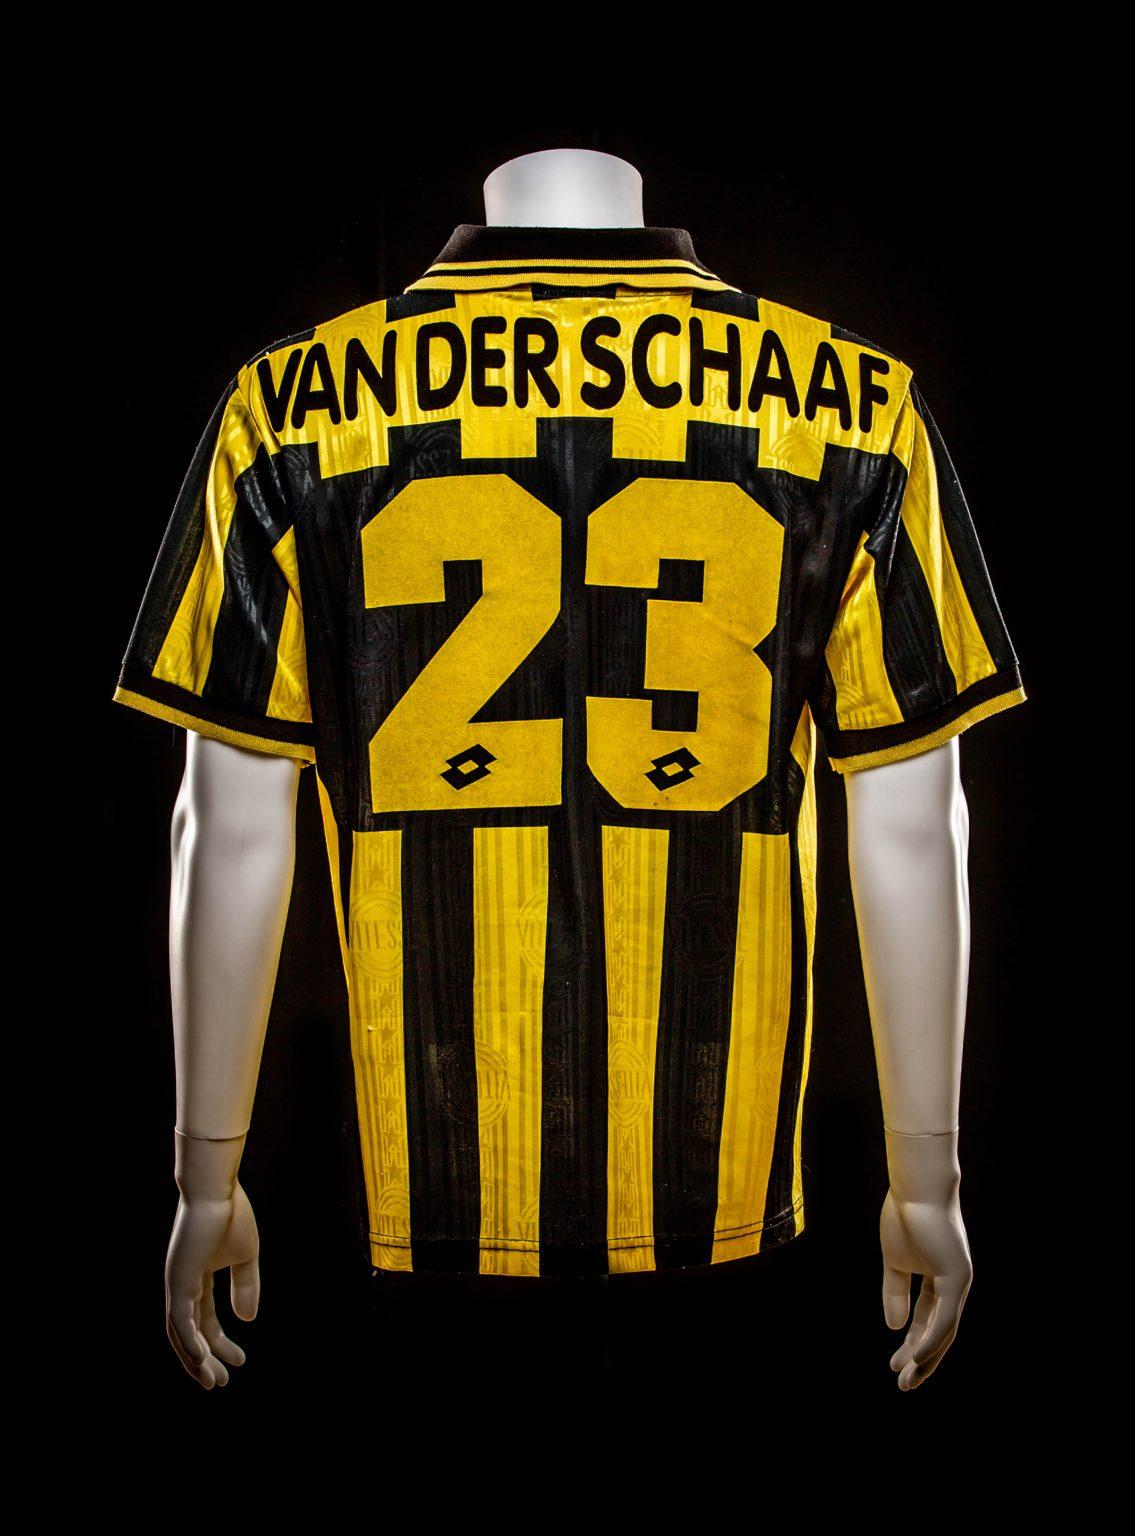 #23 Remco van der Schaaf